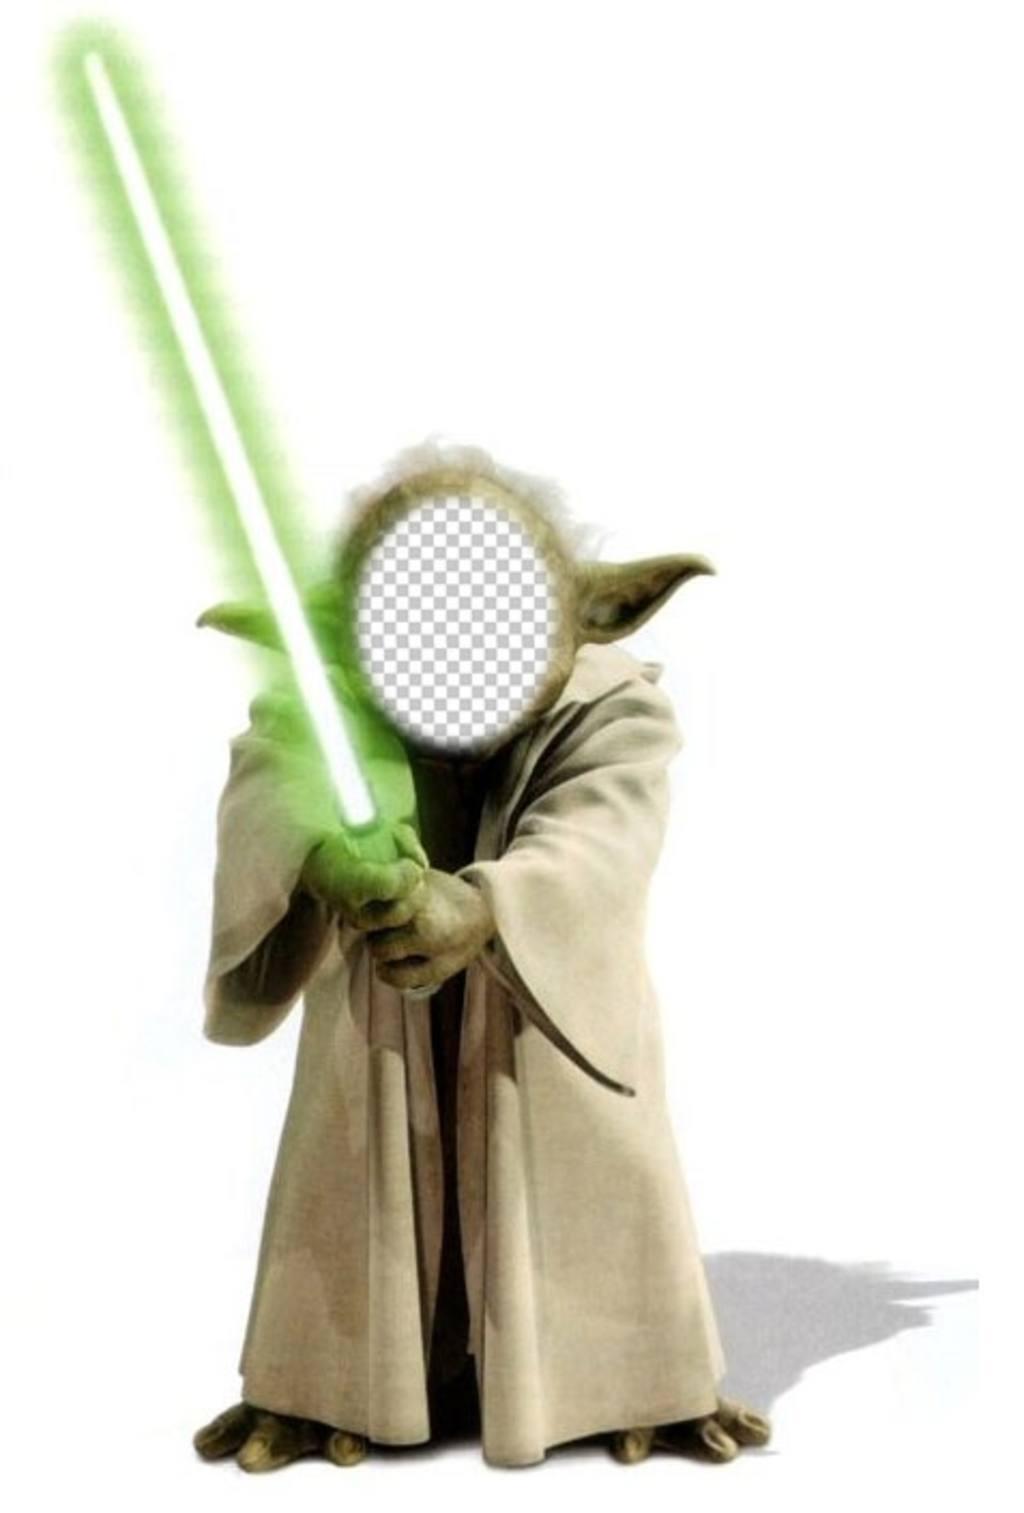 Vorlage der Fotomontage von Yoda aus Star Wars Ihr Gesicht hinzufügen zu den neugierigen Charakter Yoda